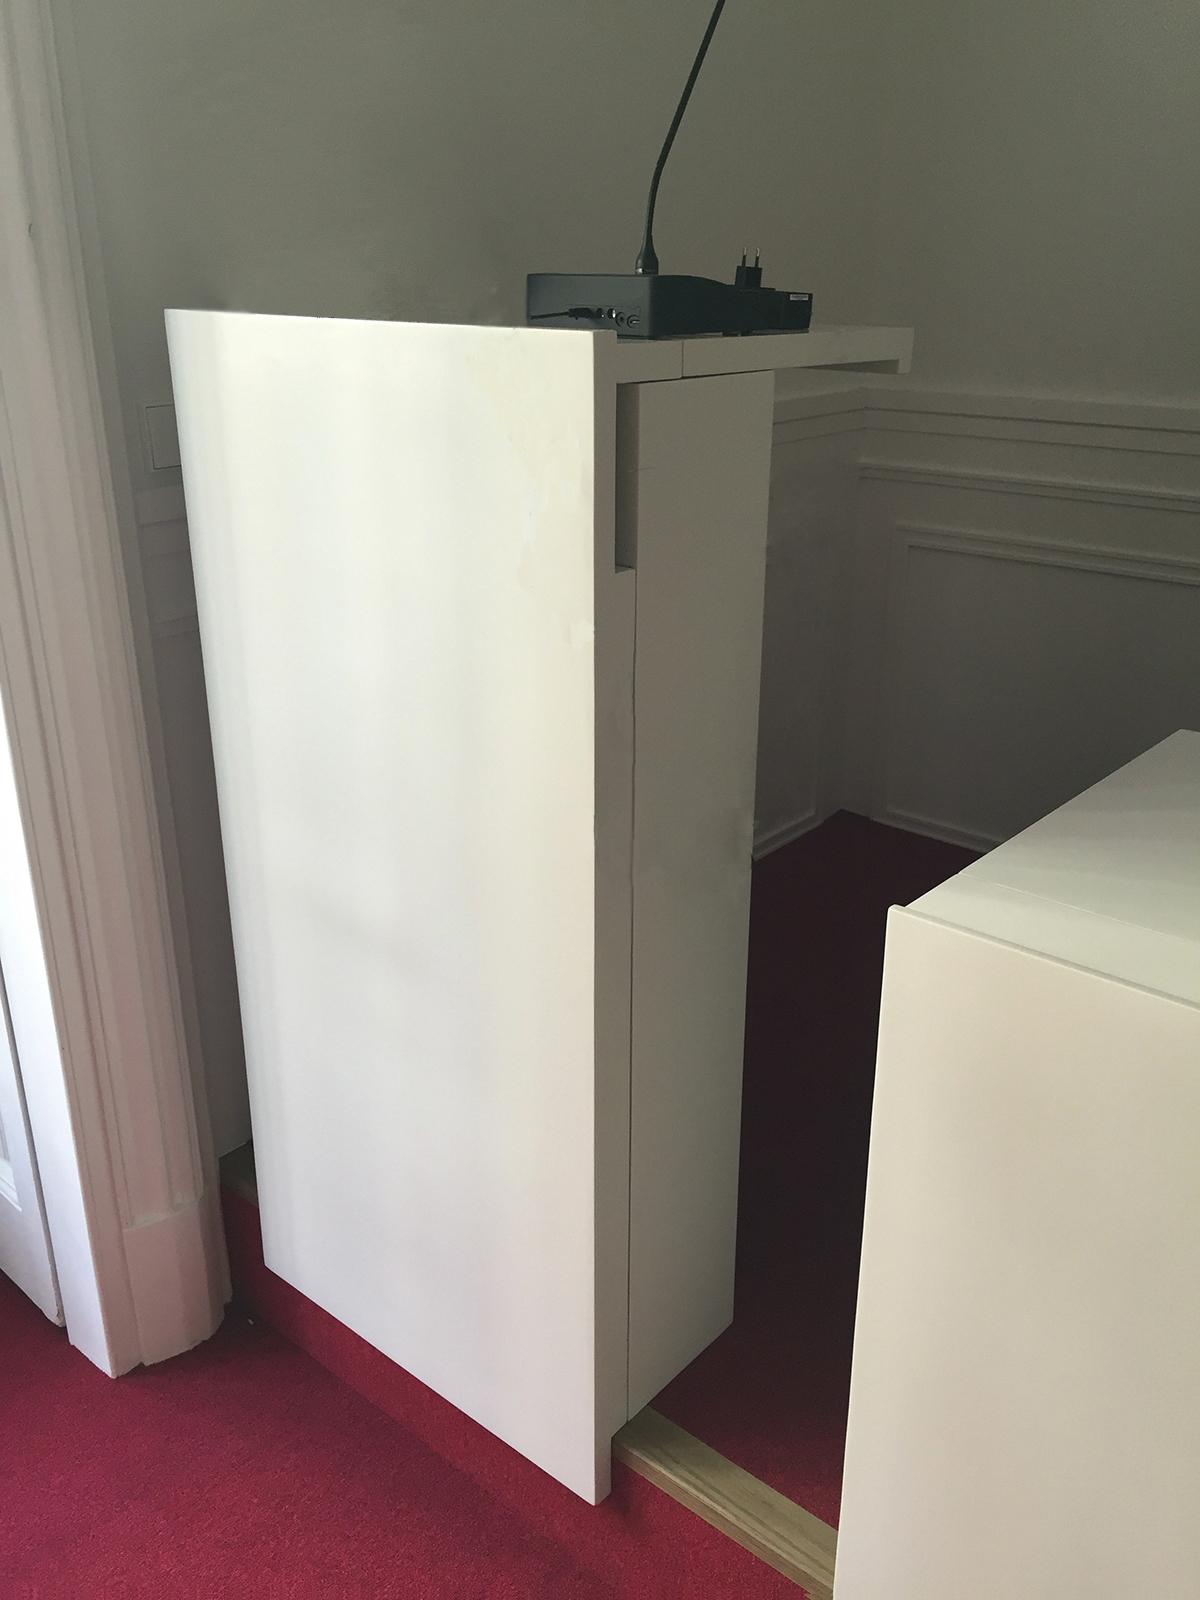 Mesas y atril FMAP | Imagen de proyecto1